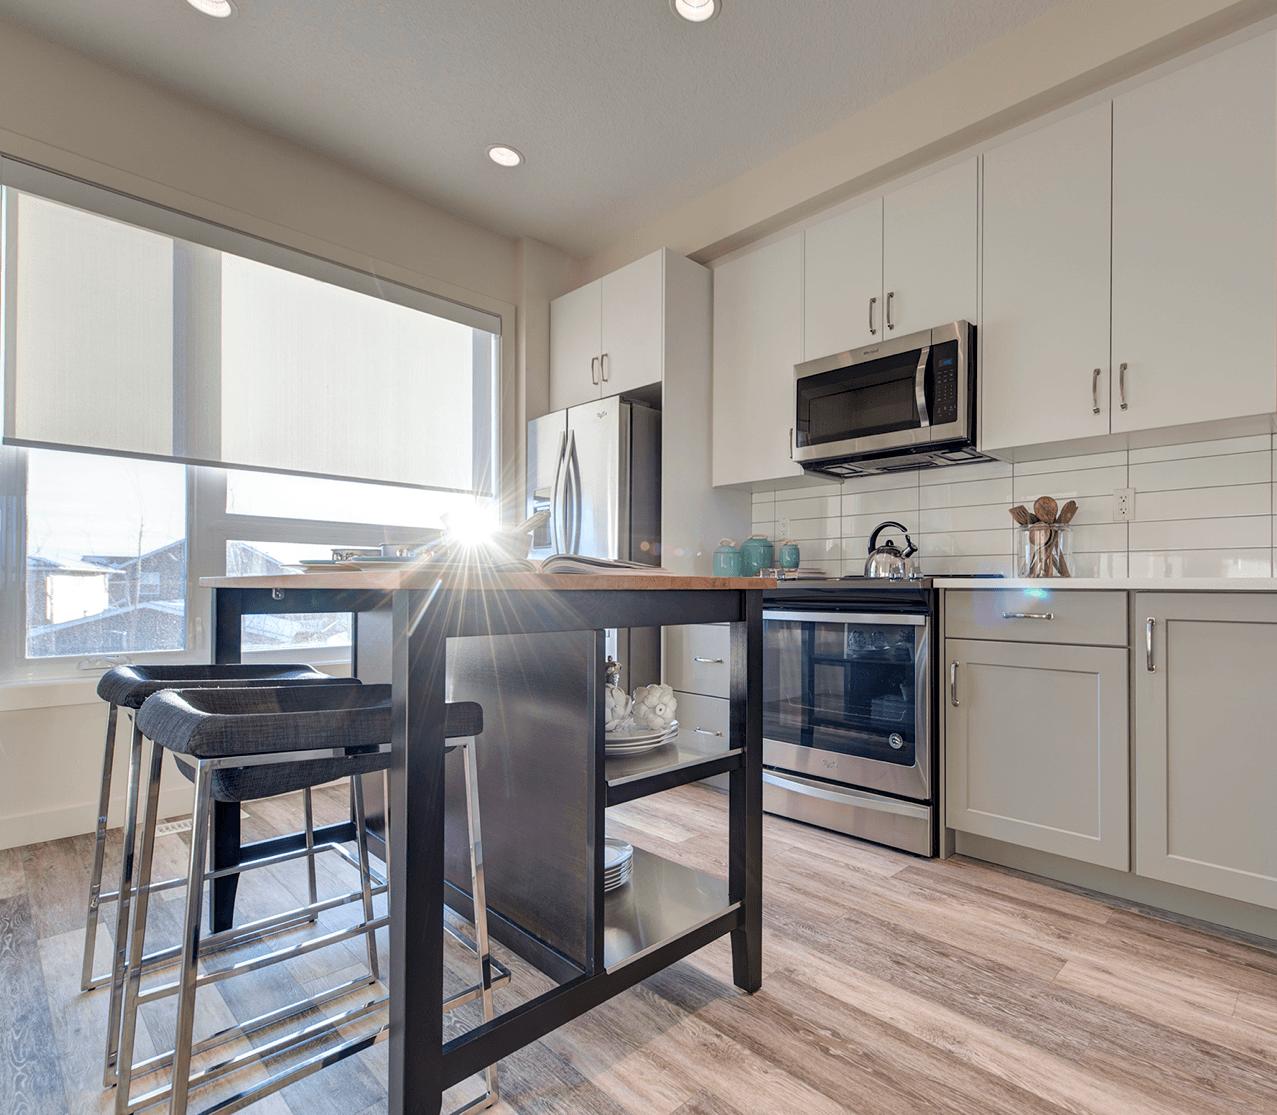 Multi-Purpose Furniture Ideas for Your Condo Kitchen Image